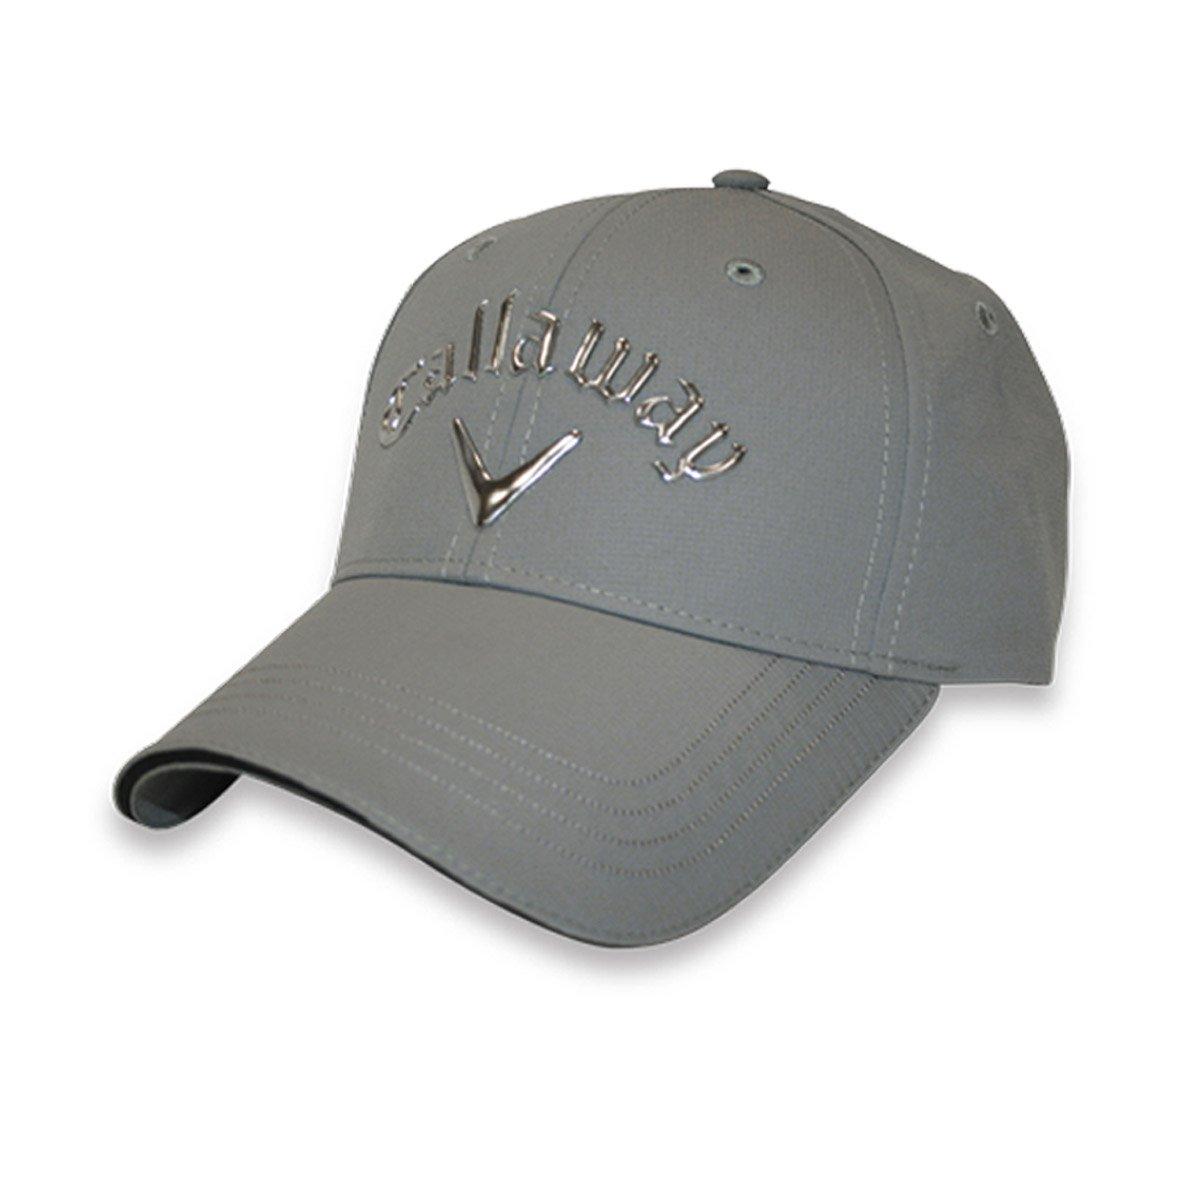 a13a88df0 Callaway Hex Black Liquid Metal Tour Mens Golf Cap